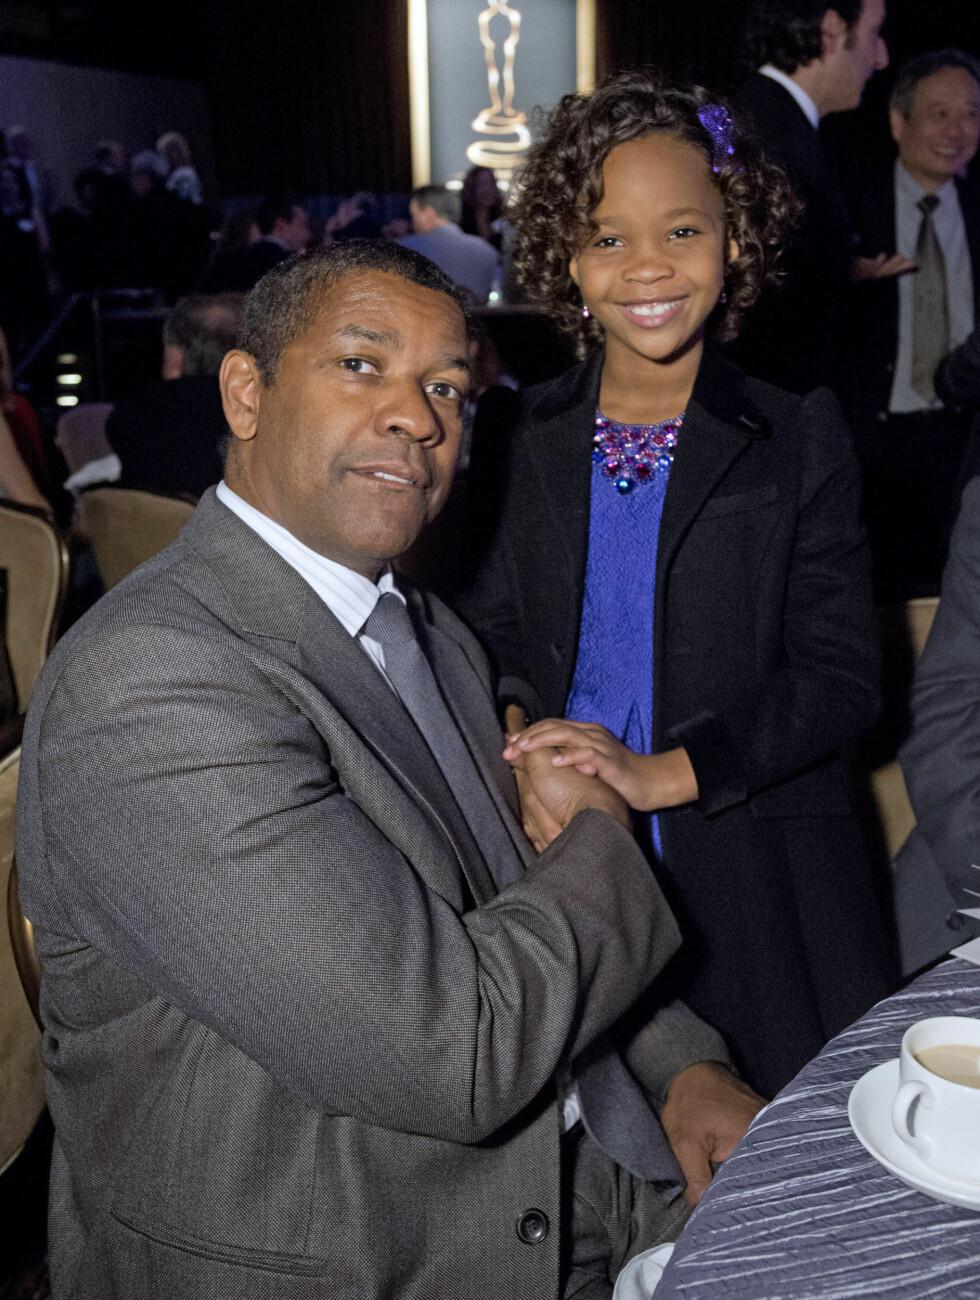 PÅ OSCAR-LUNSJ: Denzel Washington og Quvenzhane Wallis . Foto: Stella Pictures